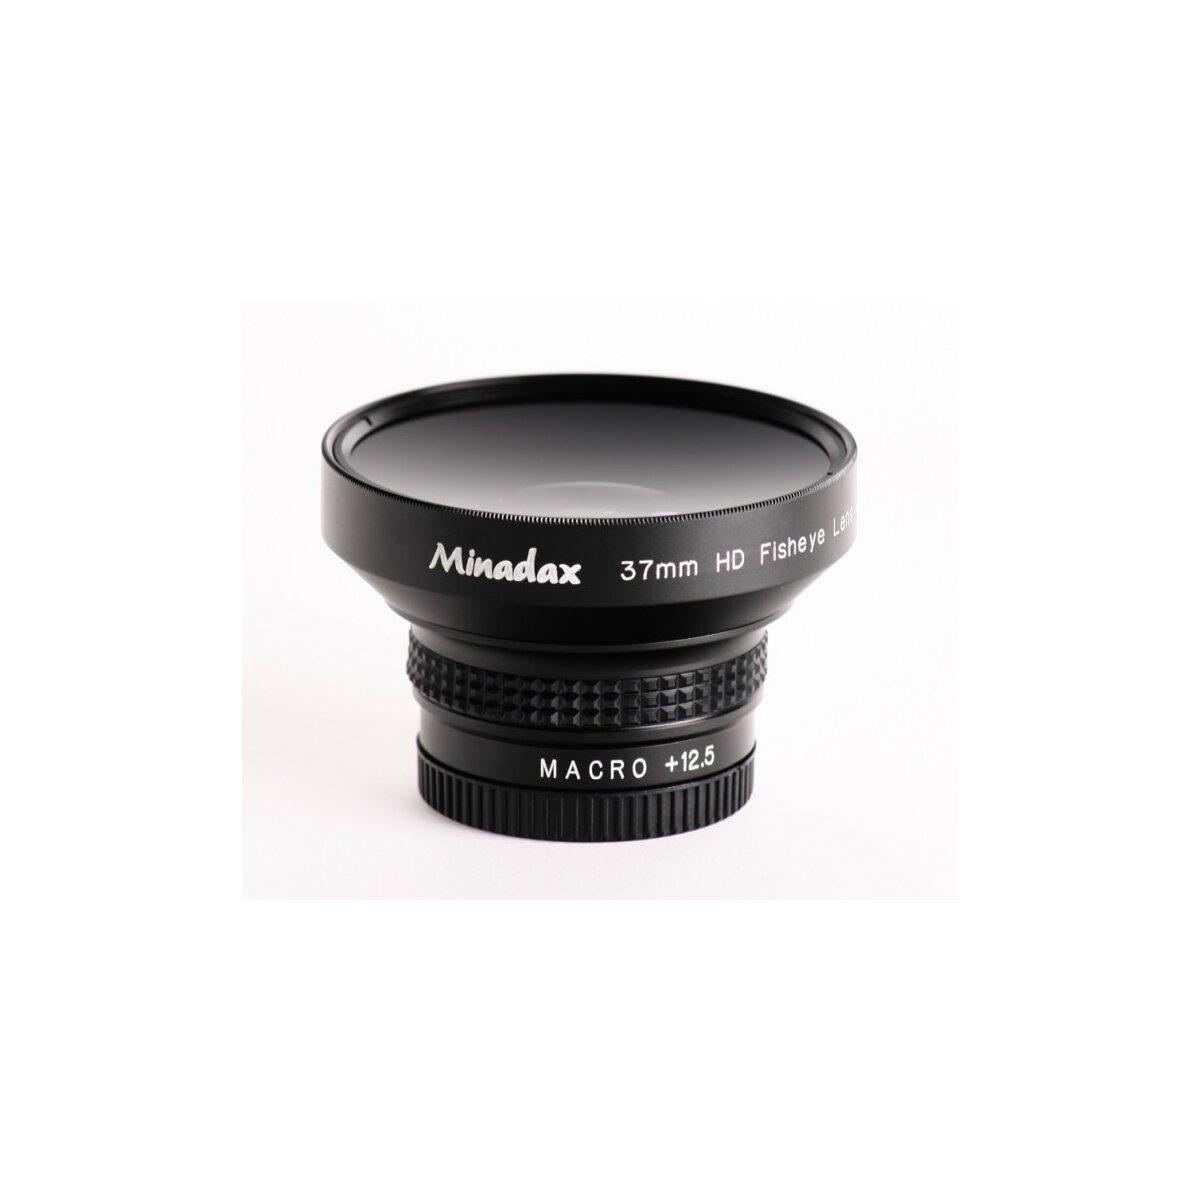 Minadax 0.25x Fisheye Vorsatz kompatibel mit Sony DCR-TRV285, DCR-TRV345, DCR-TRV355, DCR-TRV460, CCD-TRV428, DCR-TRV480, DCR-TRV950, HDR-CX130EB, HDR-CX690, HDR-CX700, HXR-NX70 - in schwarz